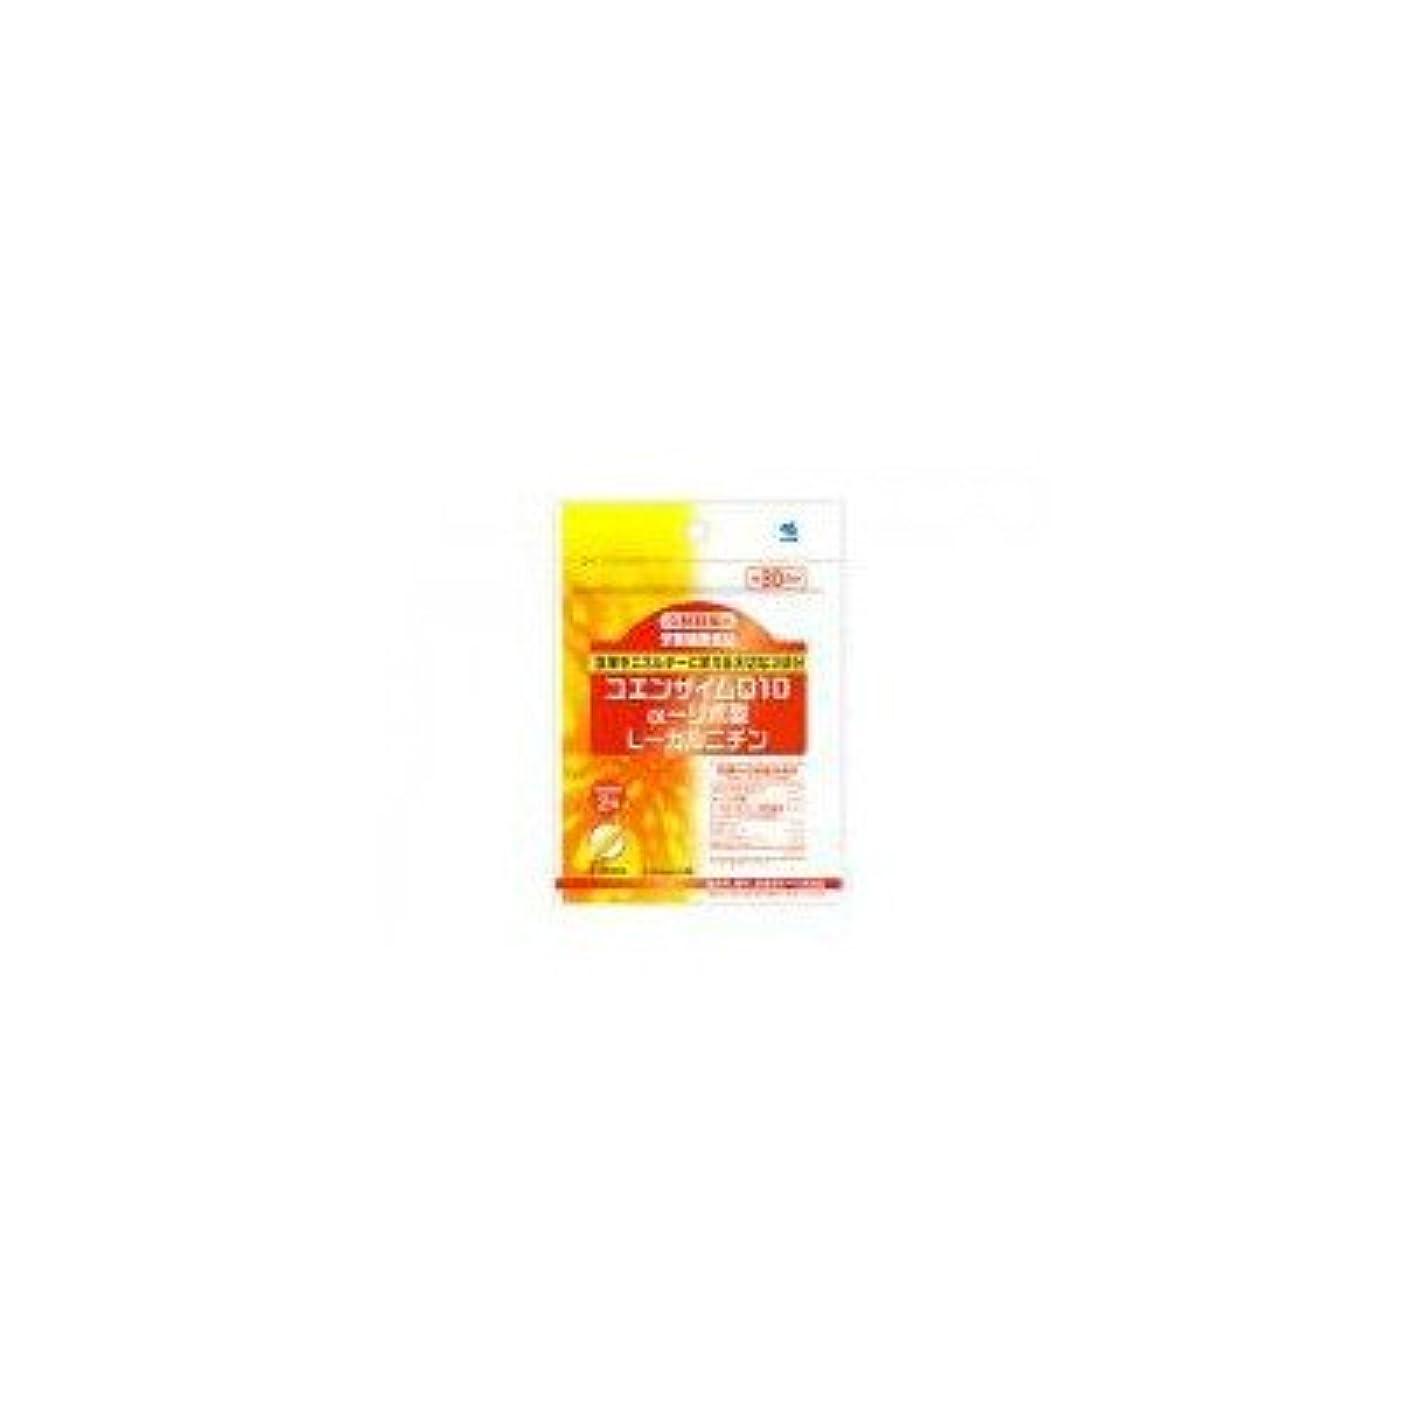 むしろシードうぬぼれ小林製薬の栄養補助食品 コエンザイムQ10+αリポ酸+Lカルニチン(60粒 約30日分) 4セット